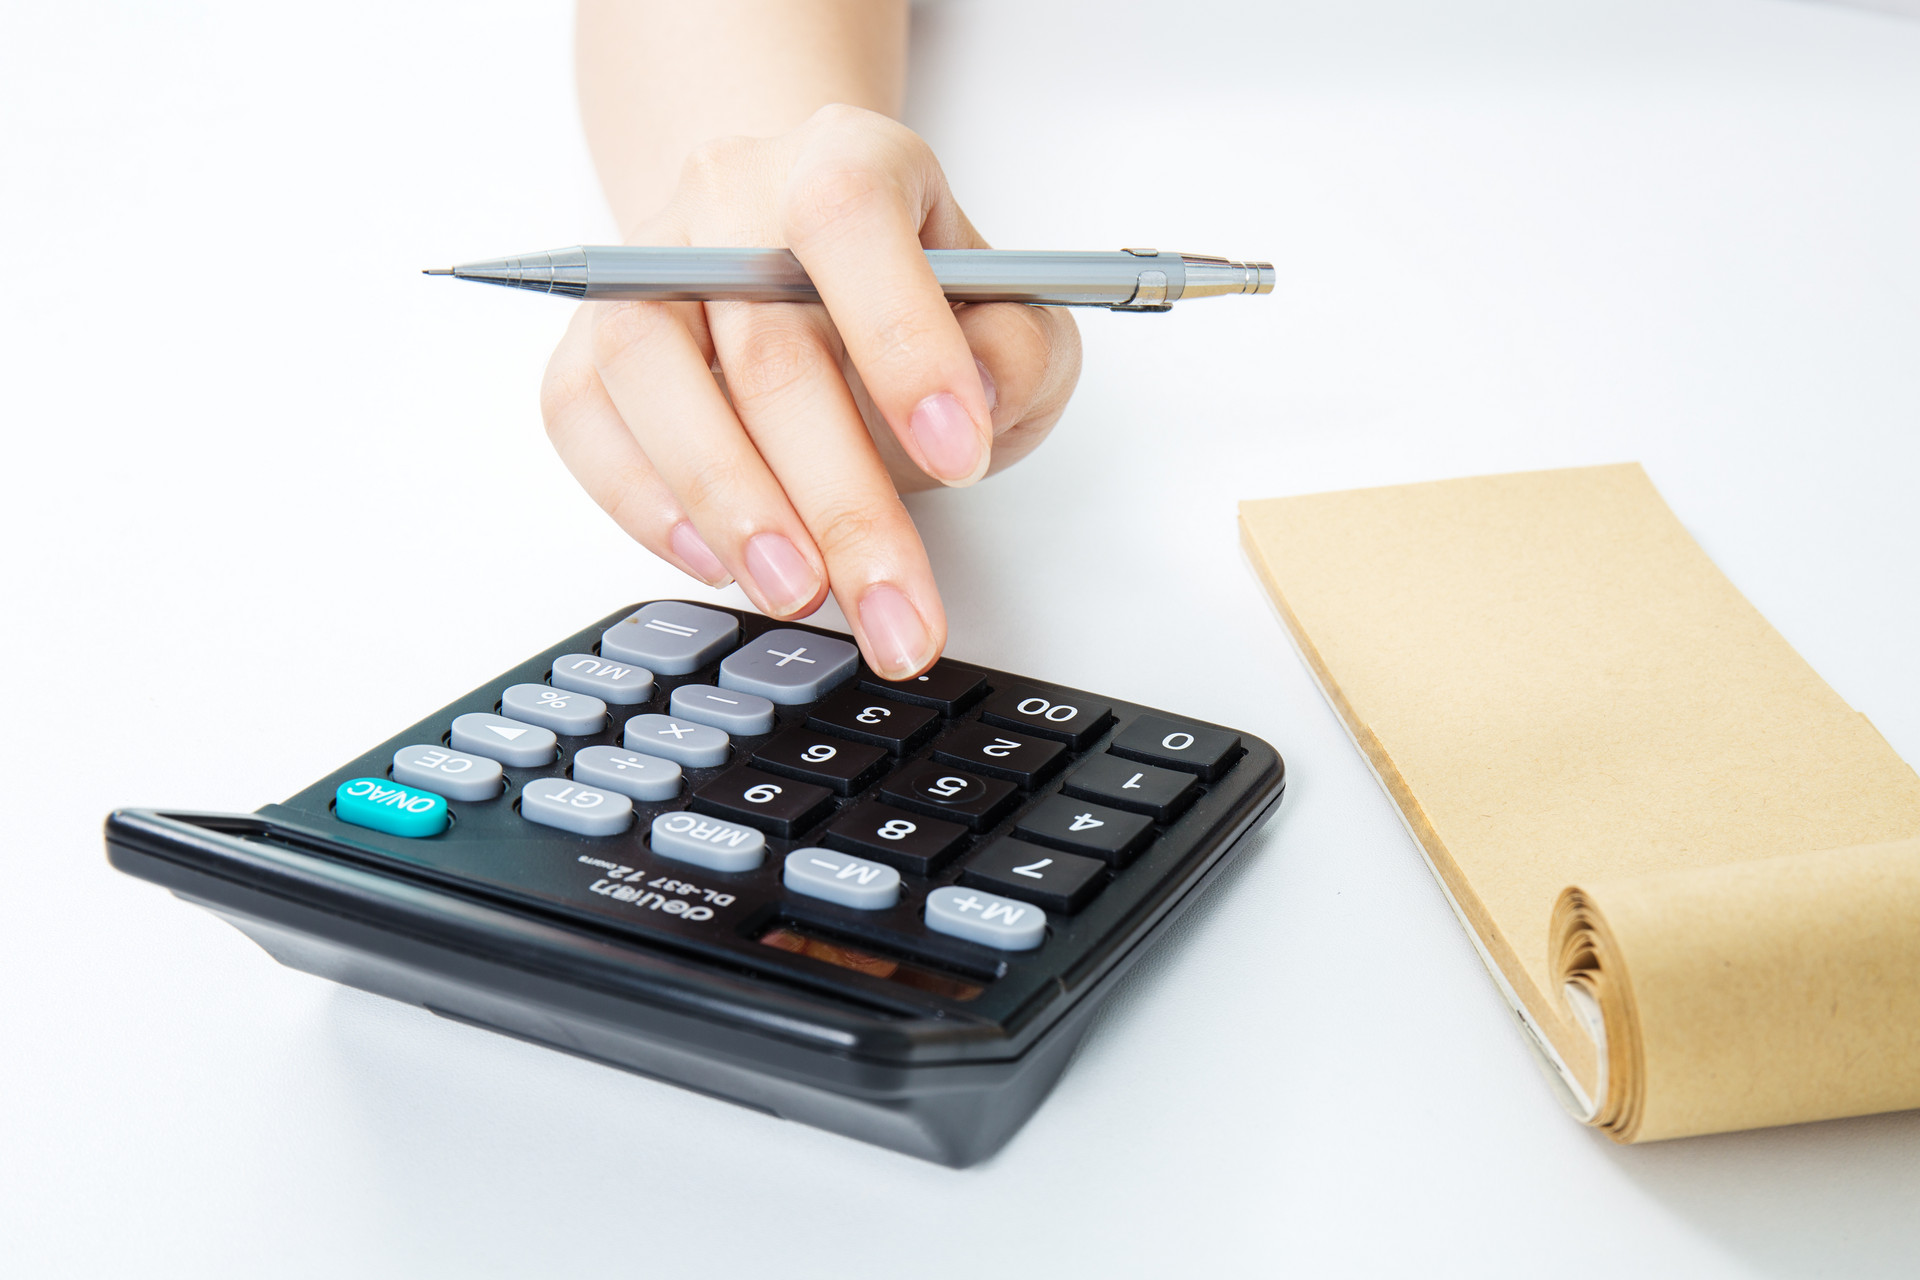 什么是电子电子工资条,单位不发电子工资条是否违法呢,电子工资条